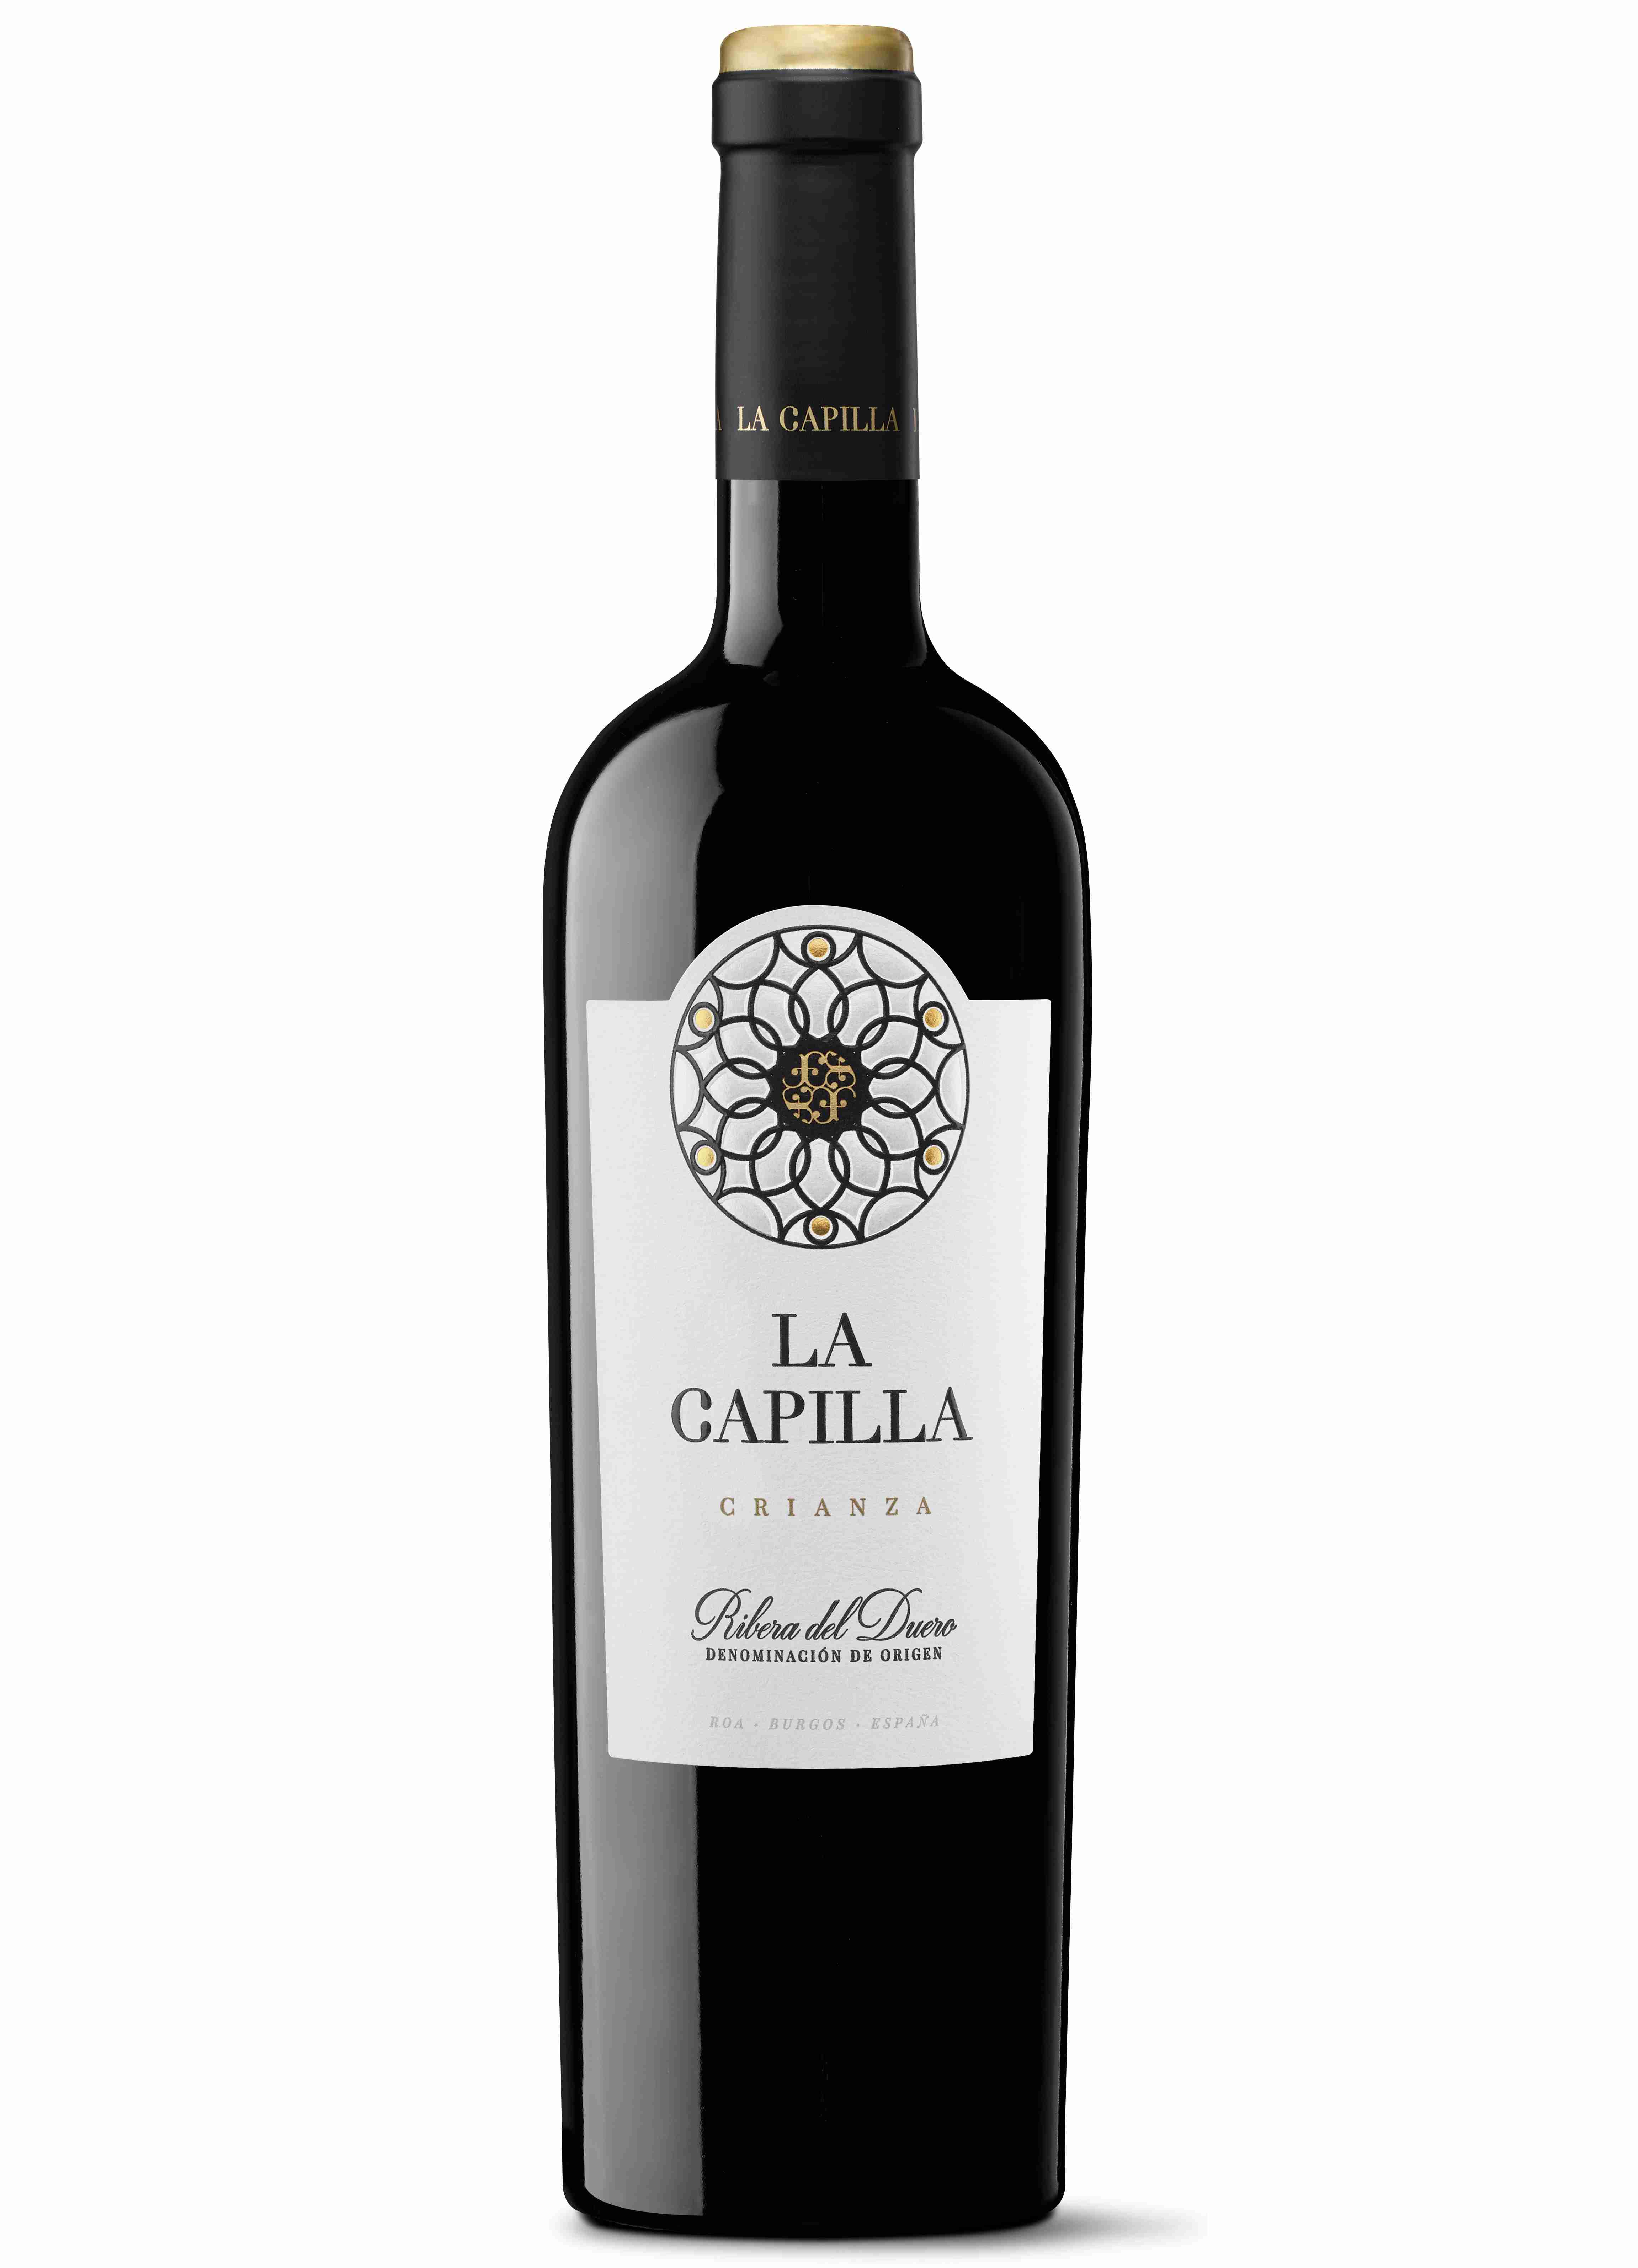 Ερυθροί οίνοι La Capilla